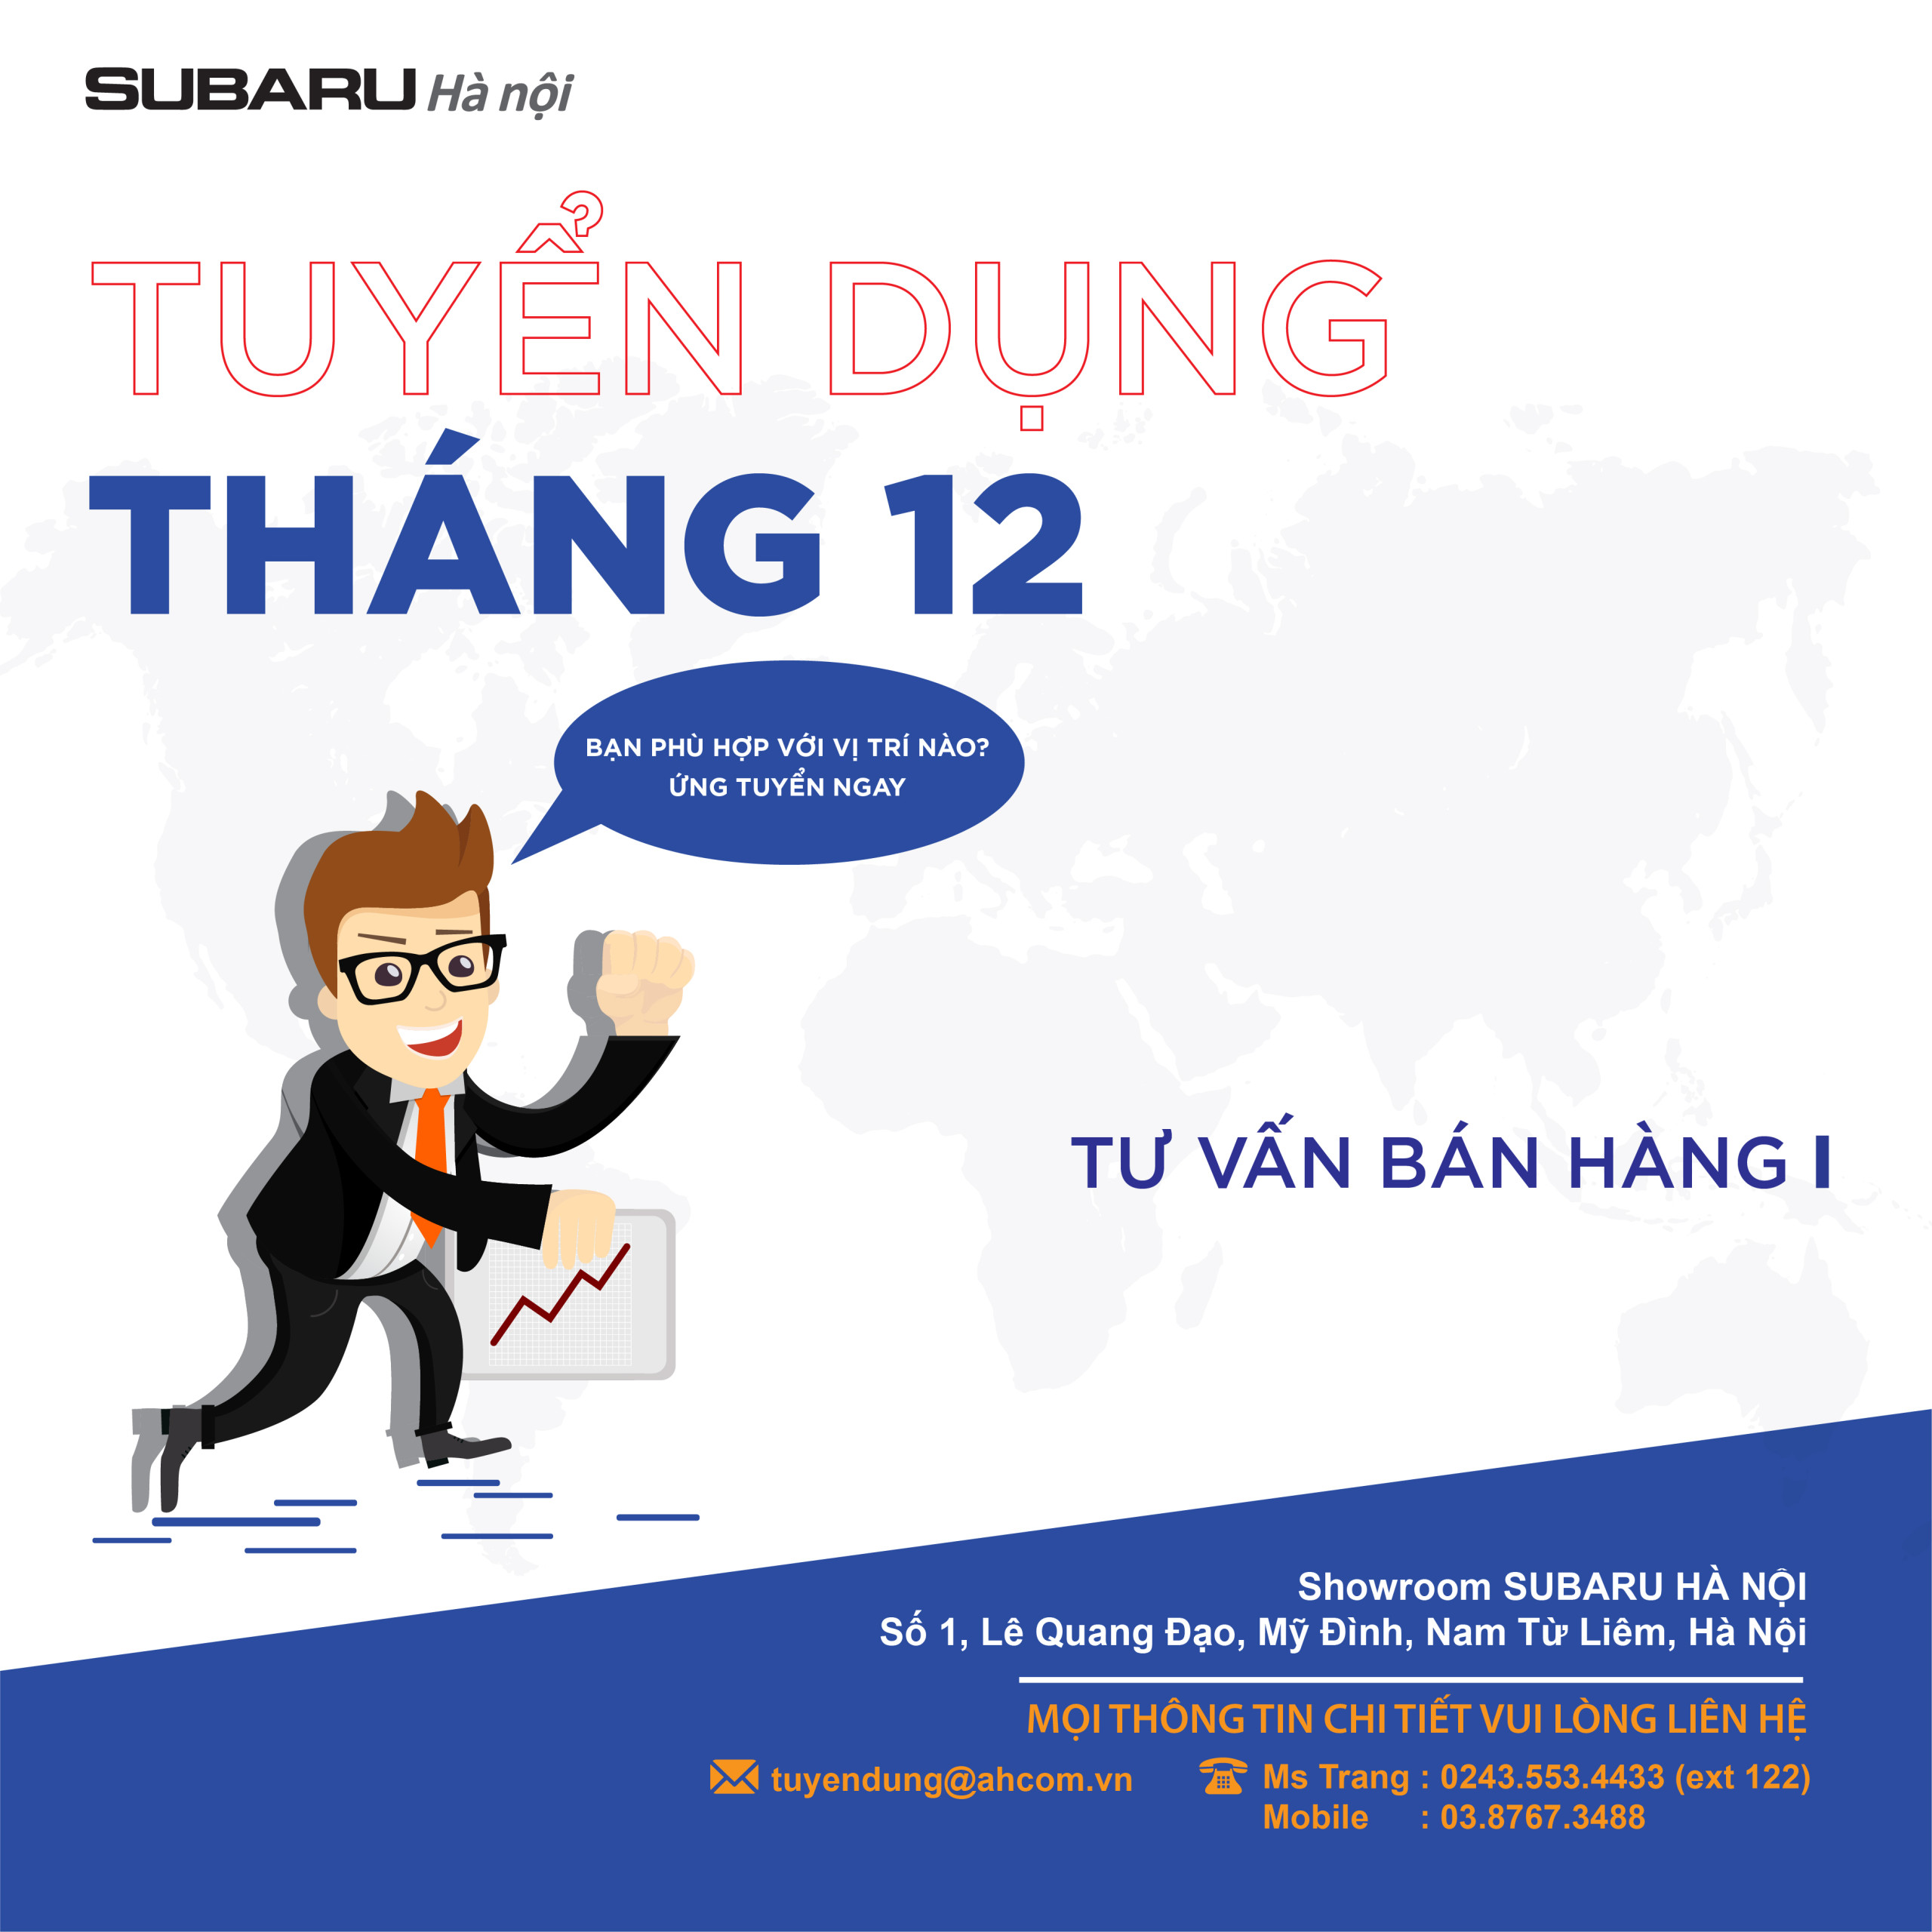 Tuyển dụng tháng 12 - Subaru Hà Nội